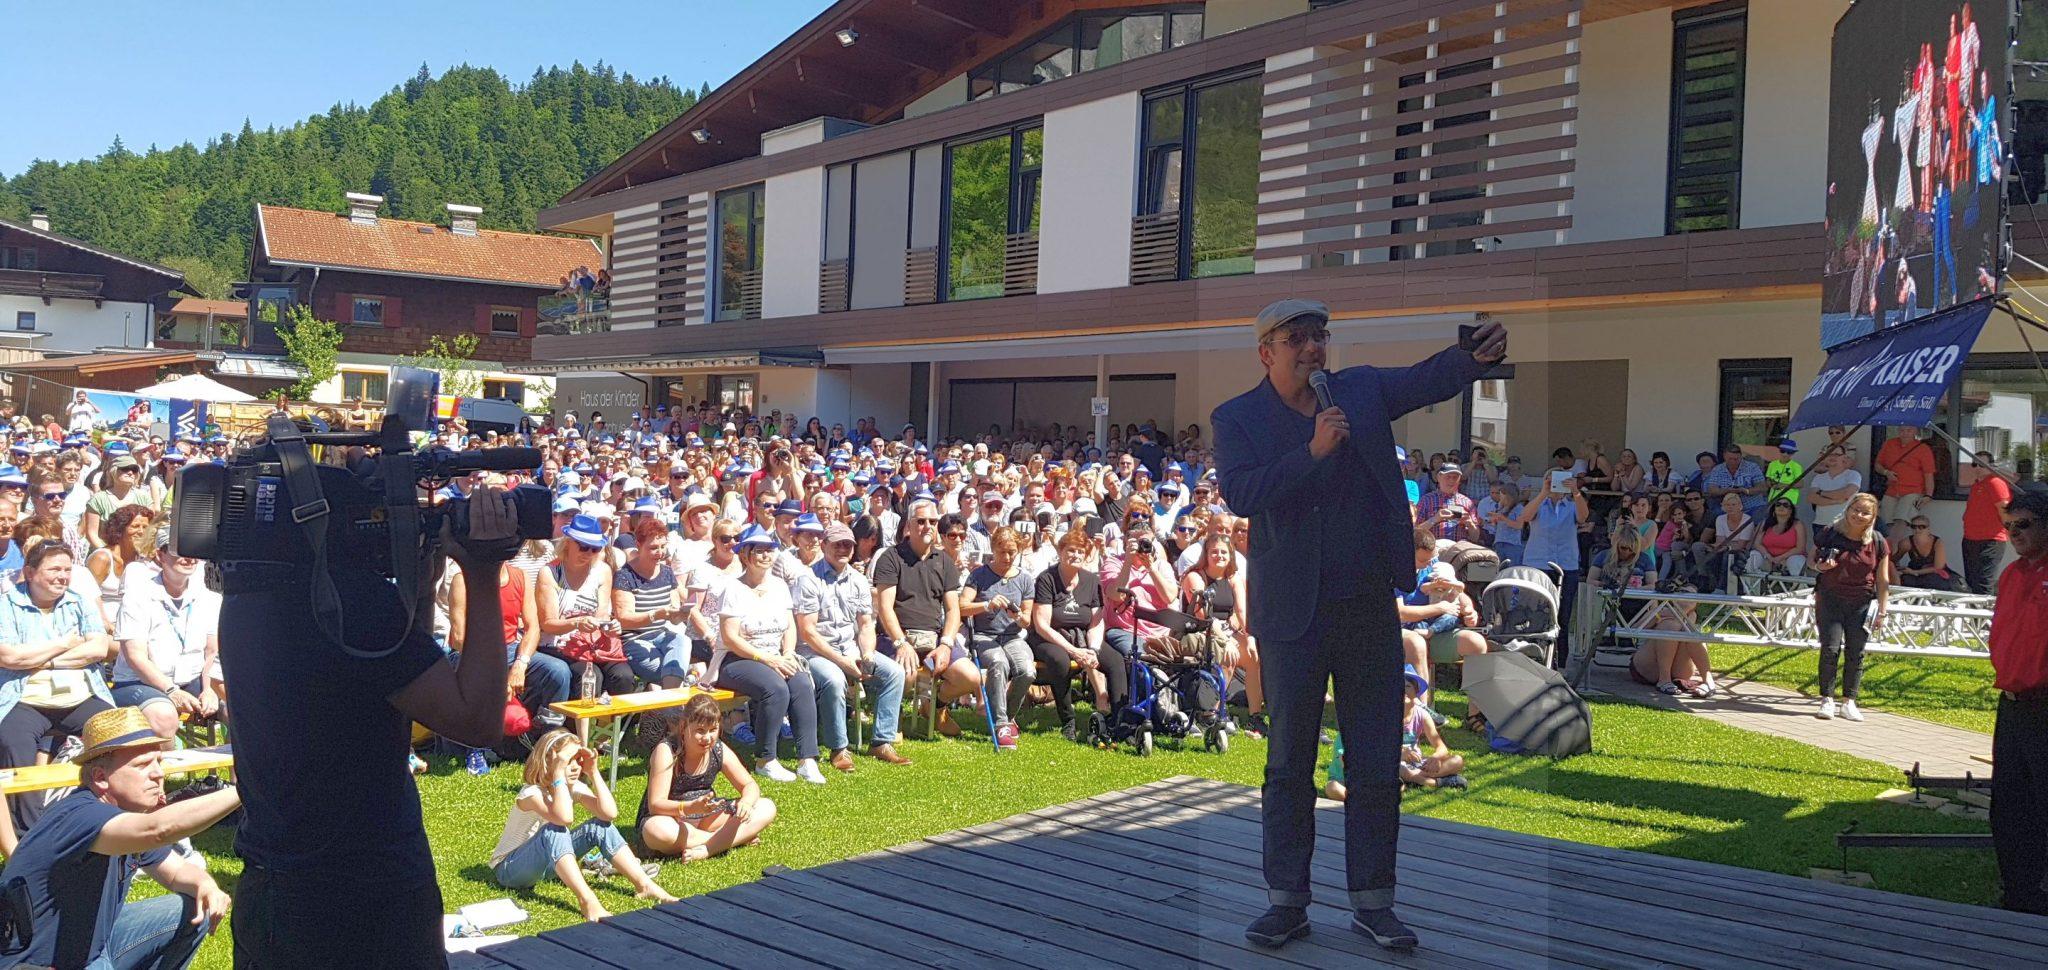 """1300 """"Bergdoktor""""-Anhänger sind zum Fantag Ende Mai nach Scheffau gekommen. Hans Sigl lässt """"Happy Birthday"""" singen für seinen """"guten Freund Kai"""" und filmt das Ganze mit dem Handy. Foto: Bauroth"""